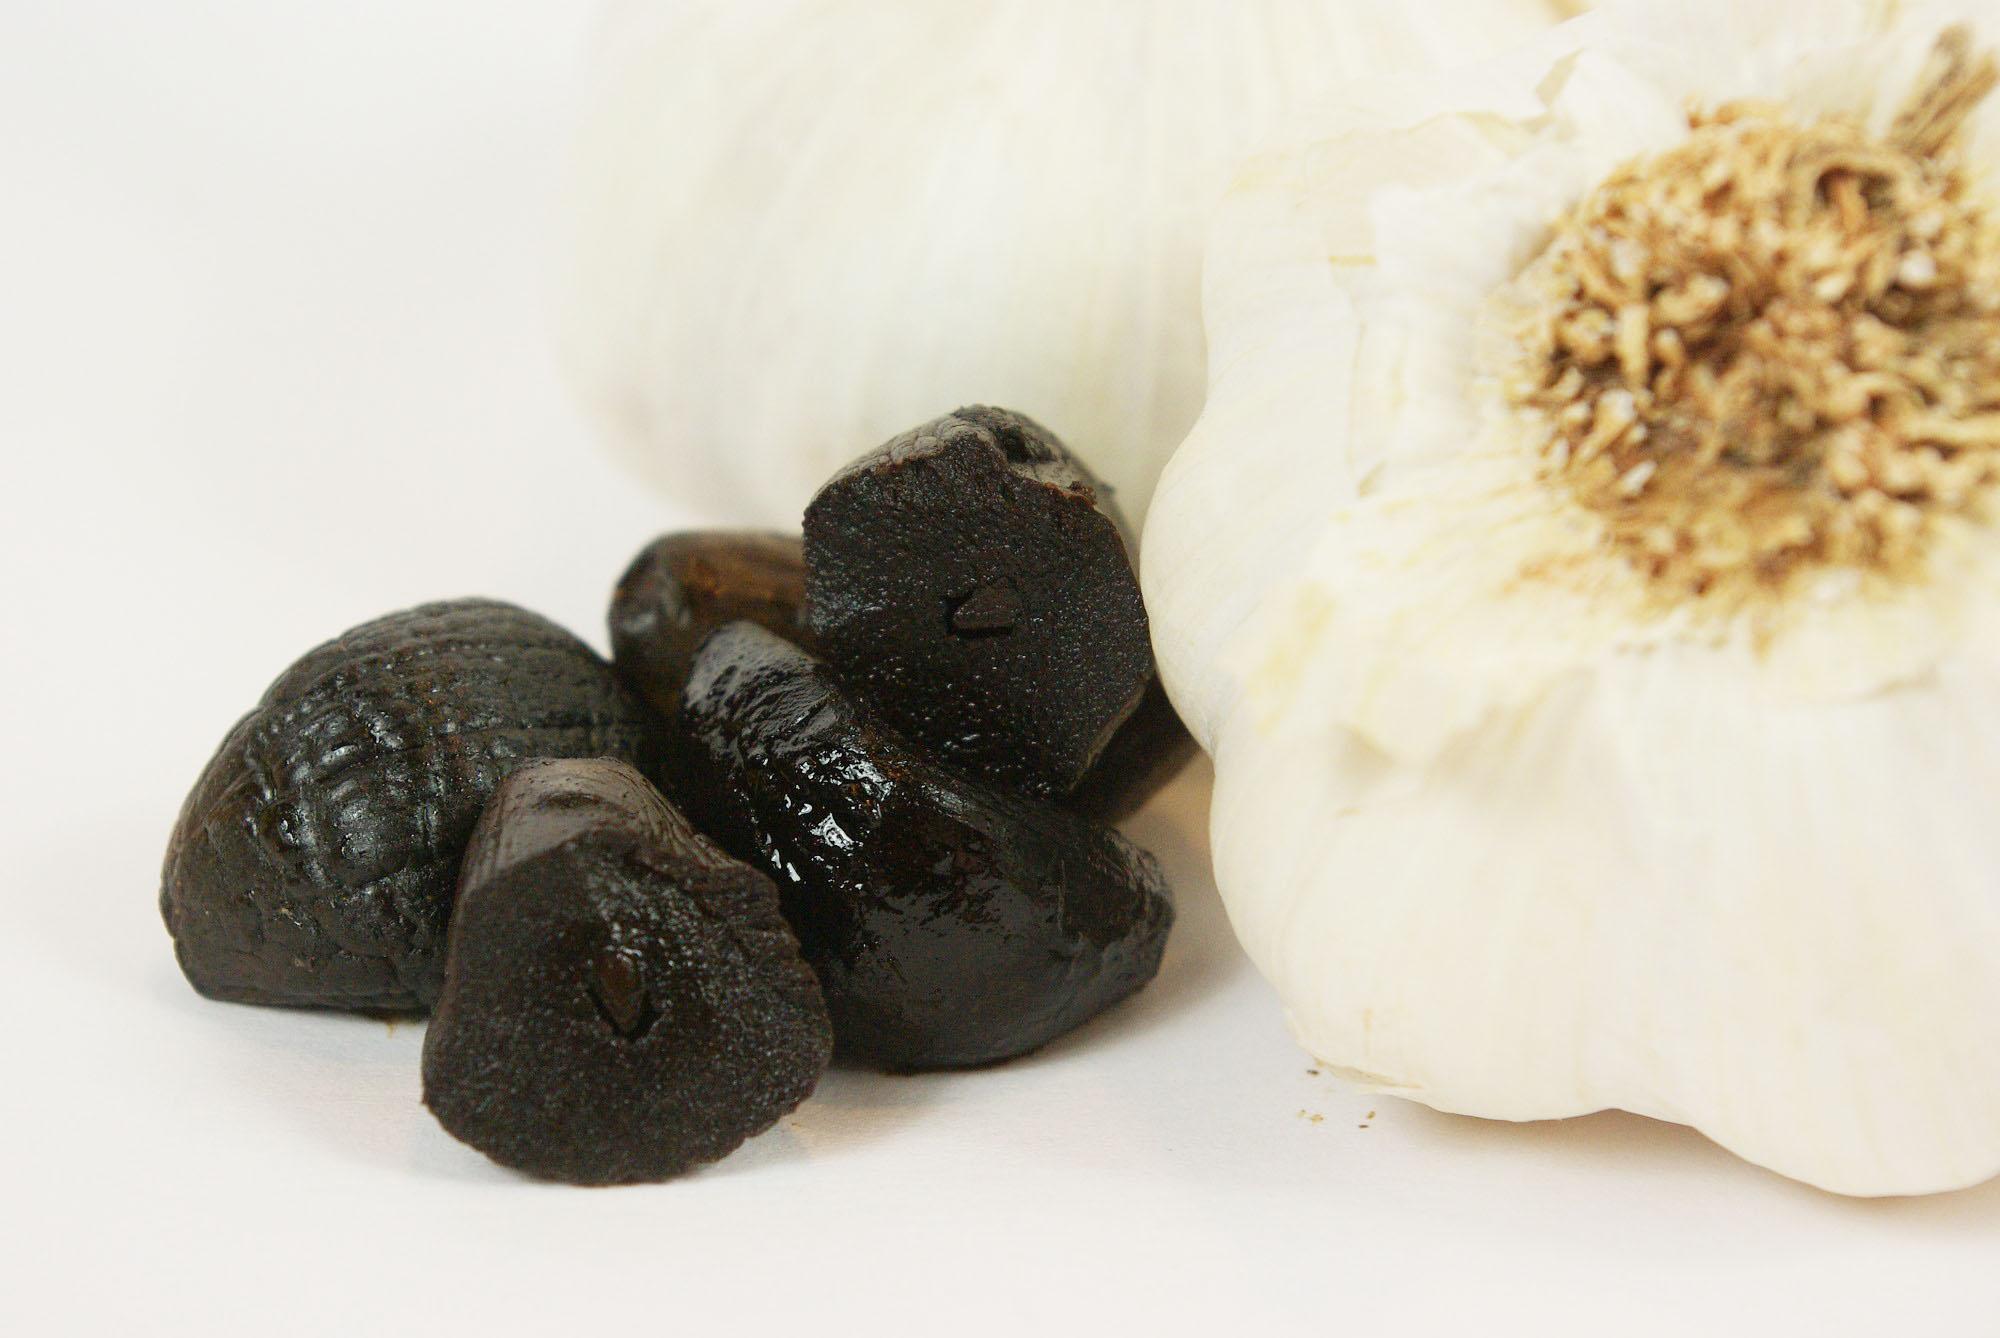 Schwarzer Knoblauch - Black garlic - fermentierter Knoblauch